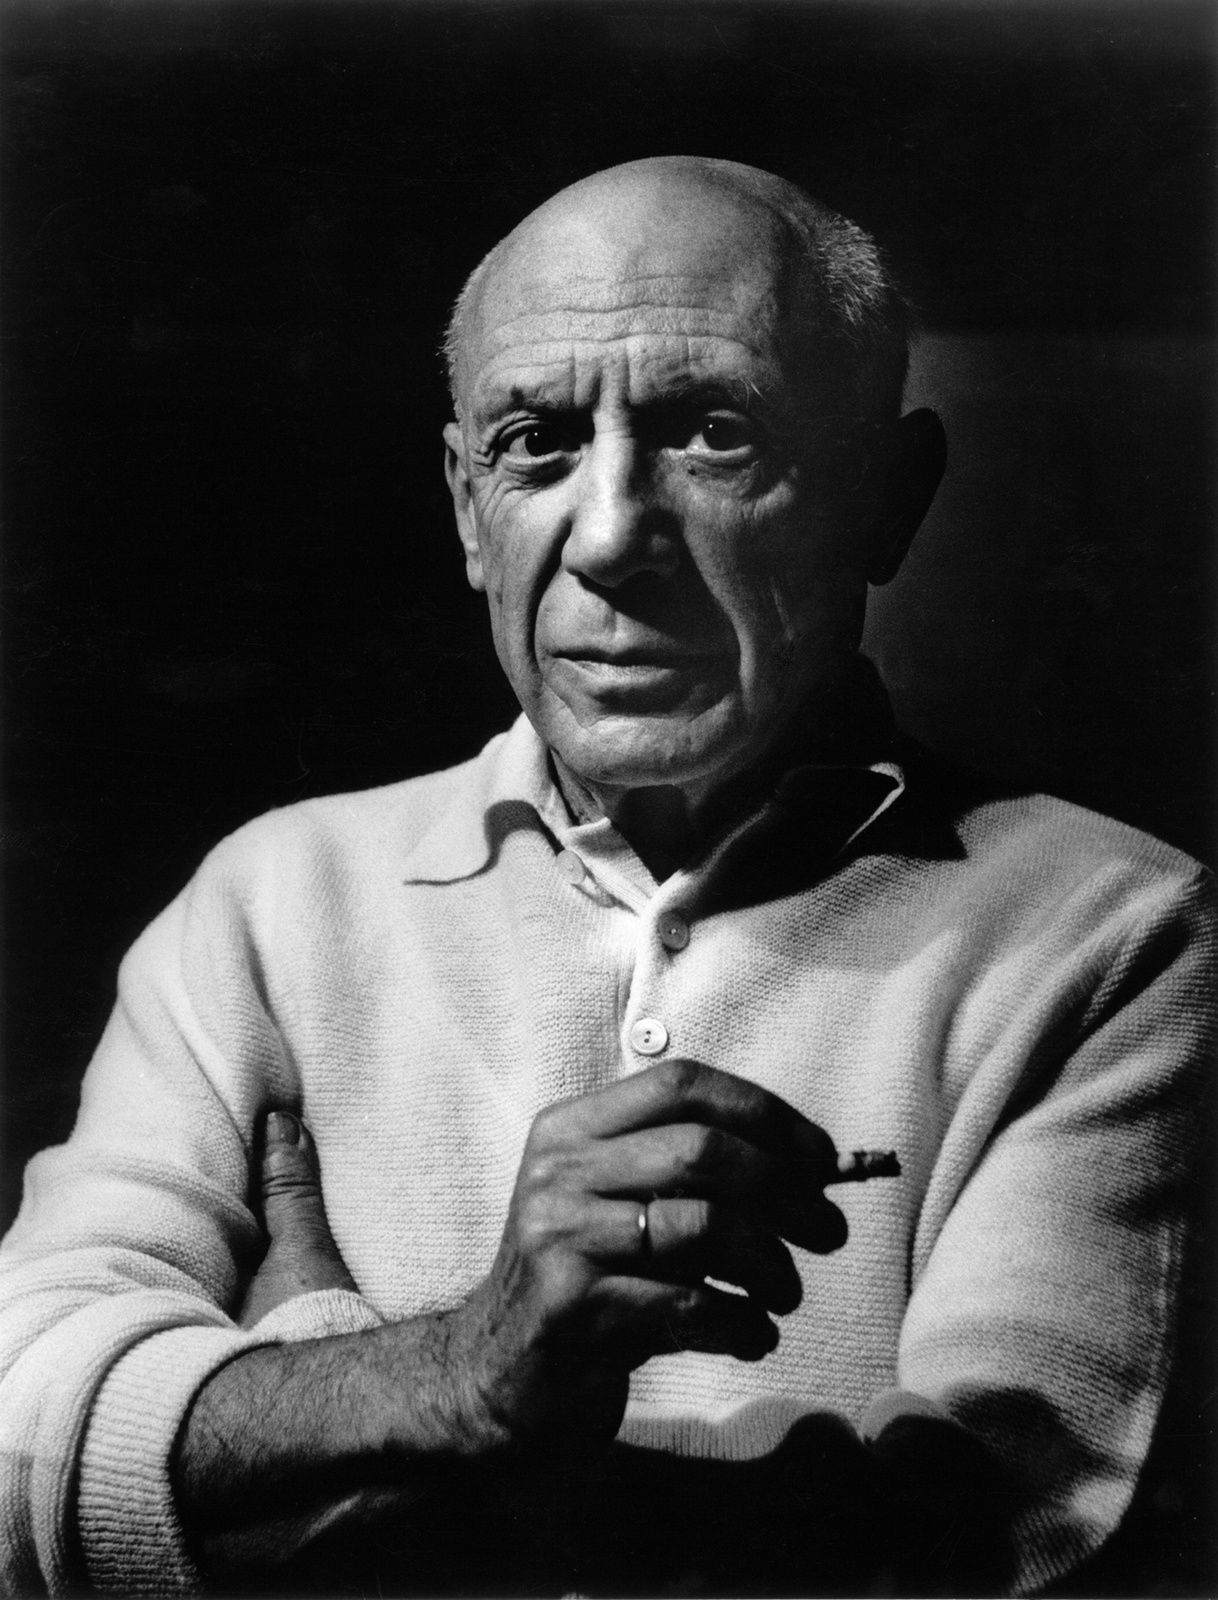 """""""Picasso à la cigarette"""" de Lucien Clergue - Courtesy Galerie Patrice Trigano"""